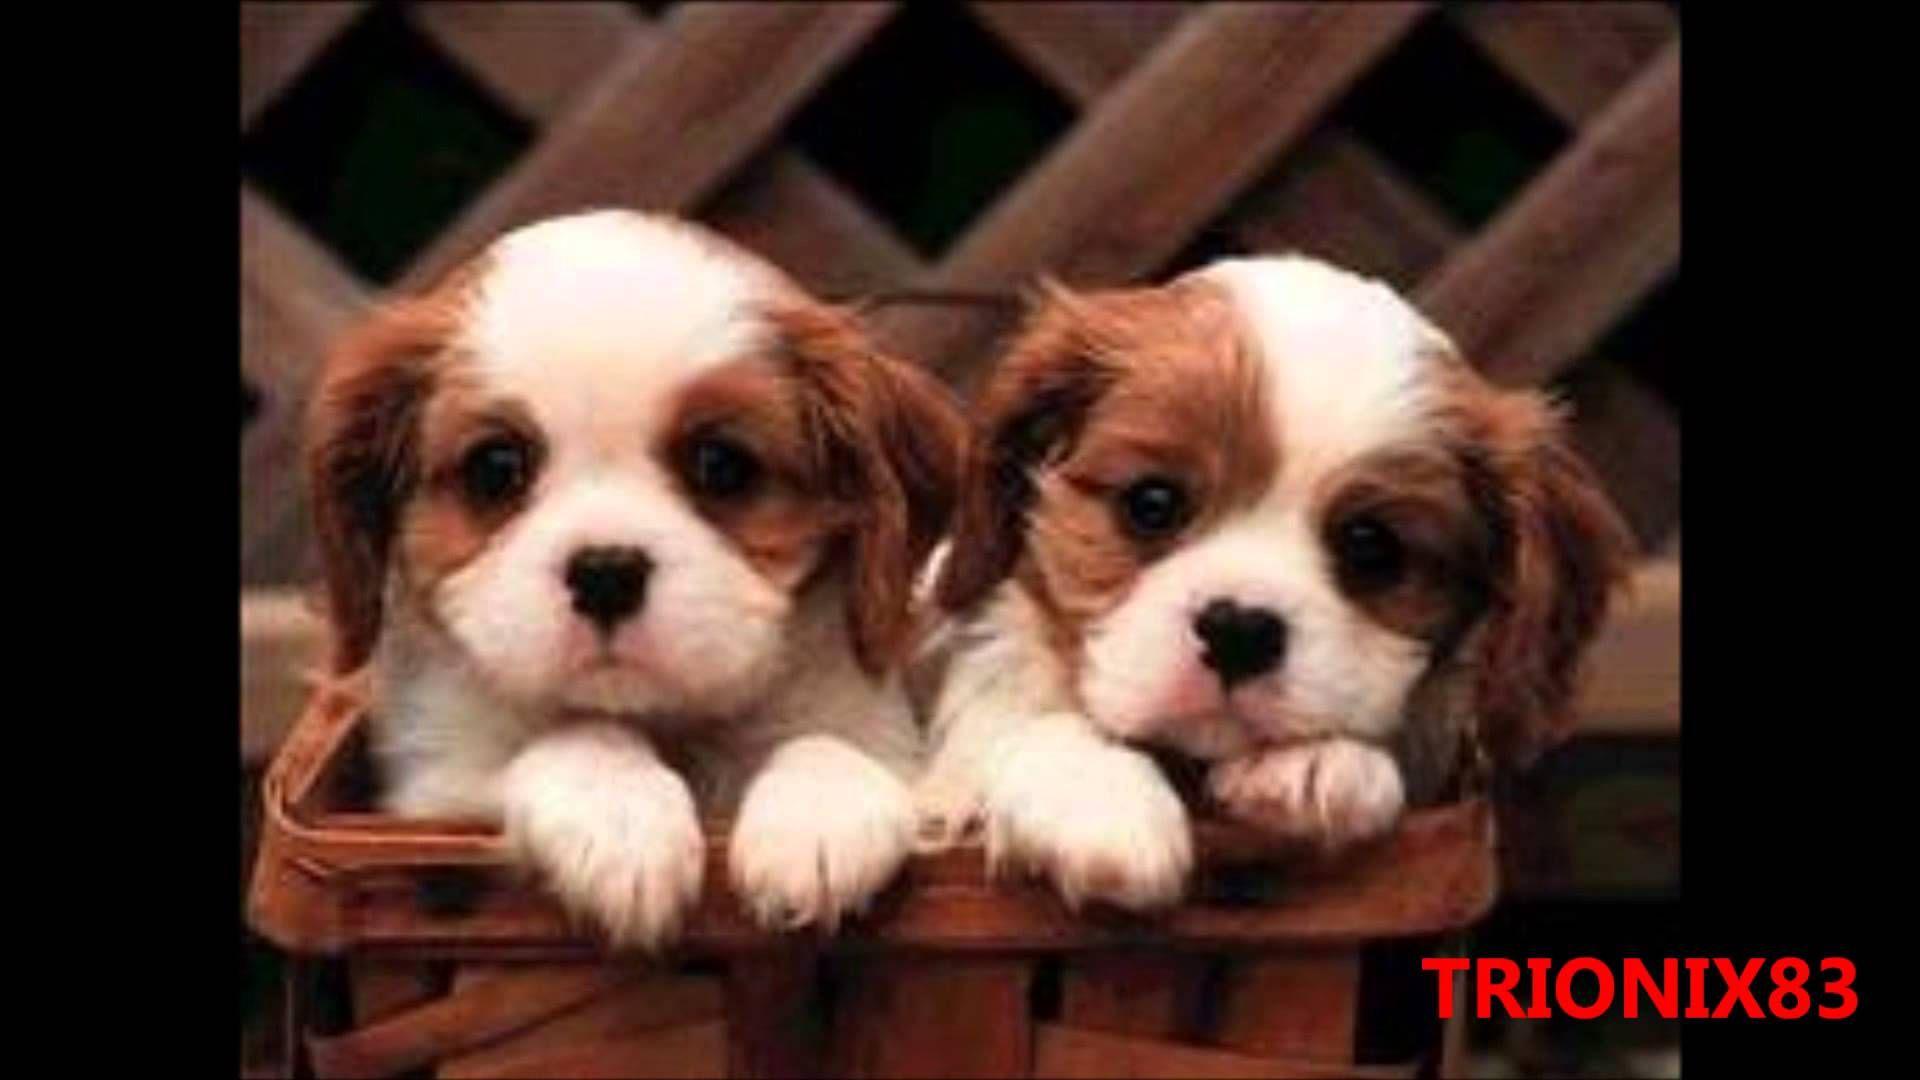 Fotos De Perros Lindos Y Tiernos Buscar Con Google Perros Lindos Perros Bonitos Imagenes De Perros